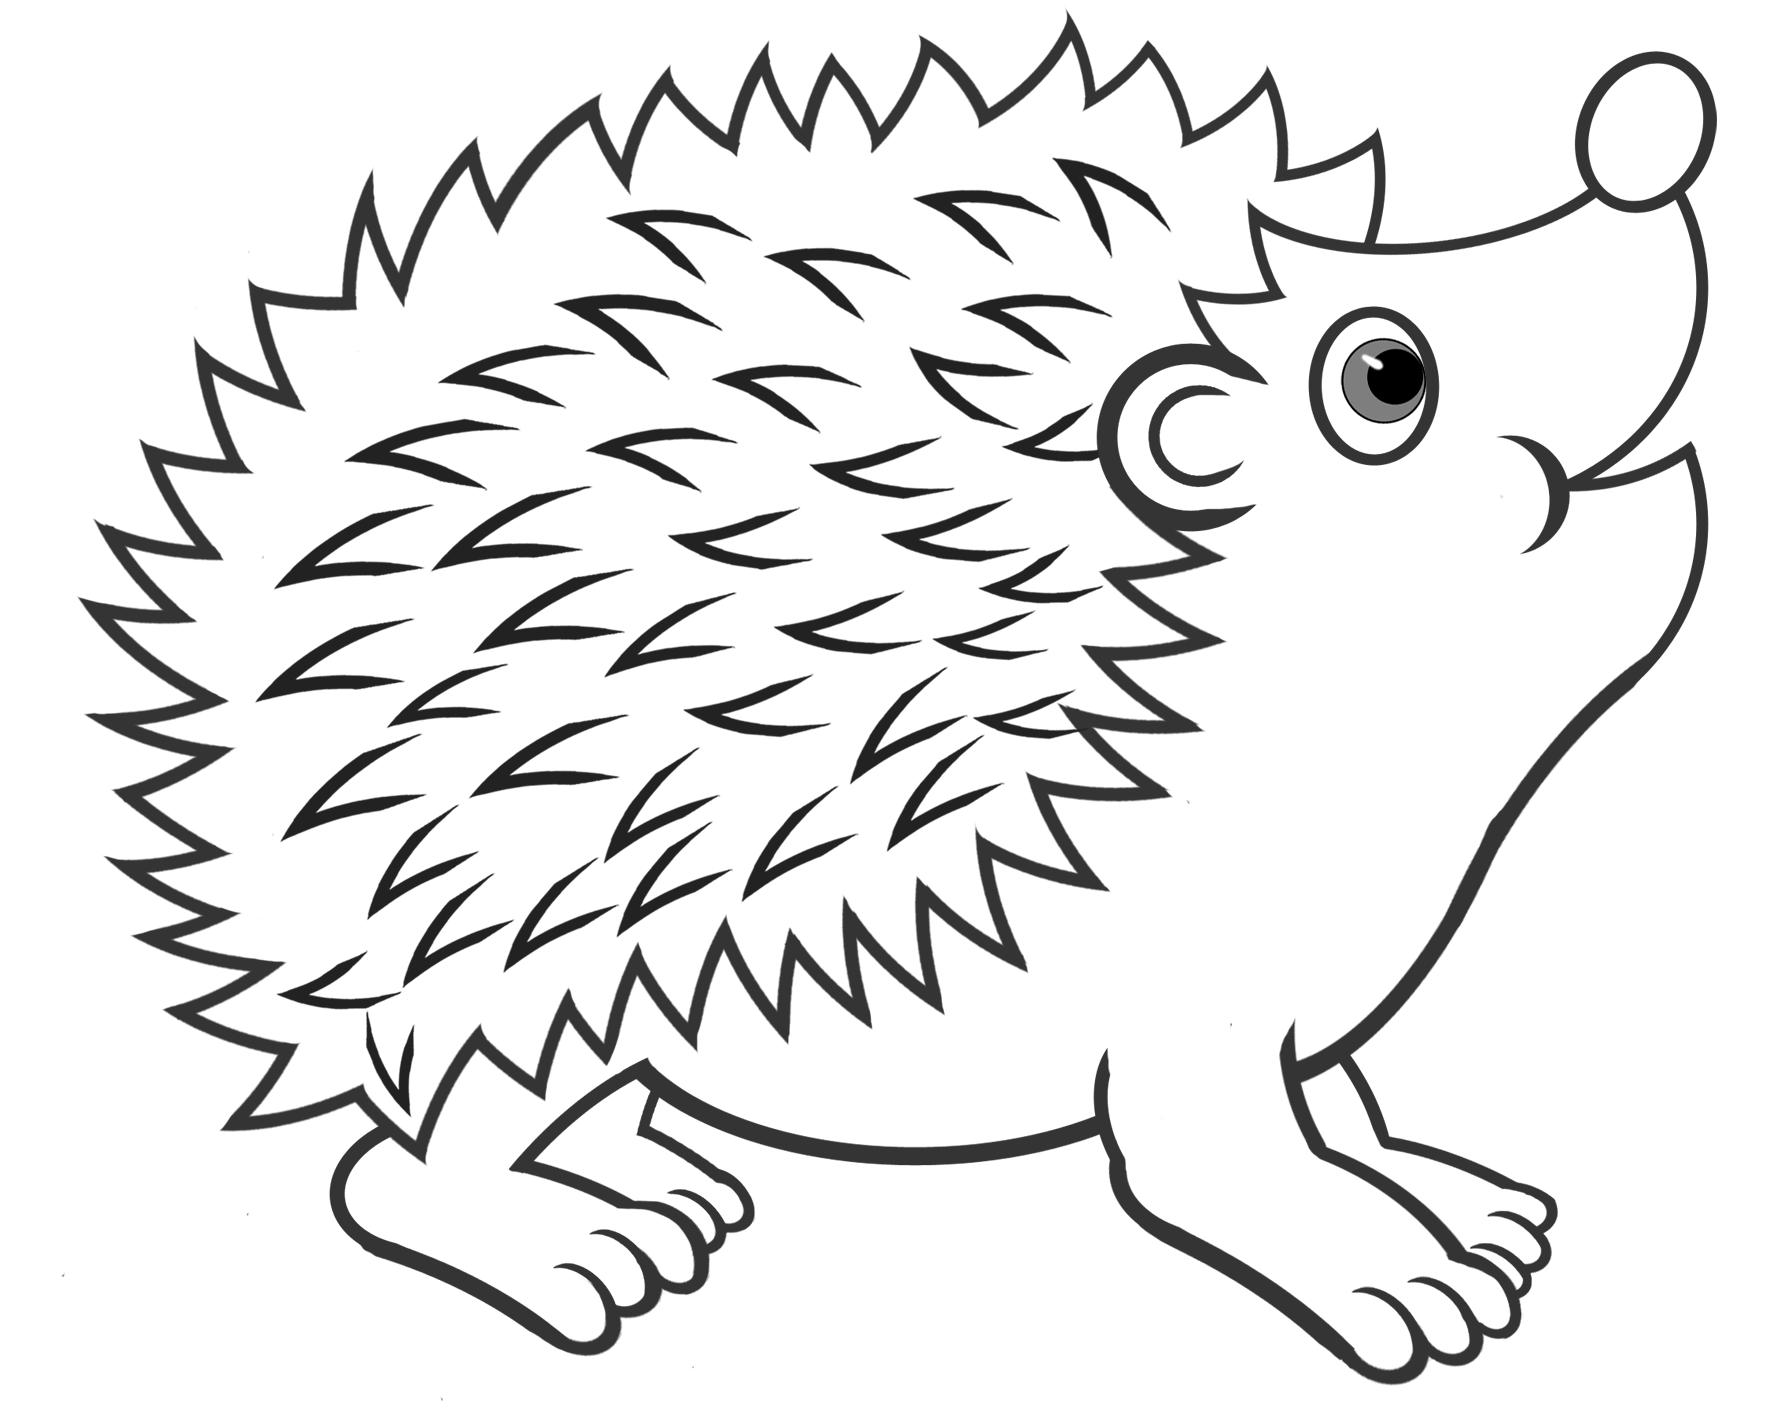 Igel Zeichnung Png 1770 1413 Igel Zum Ausmalen Igel Ausmalbild Igel Vorlage